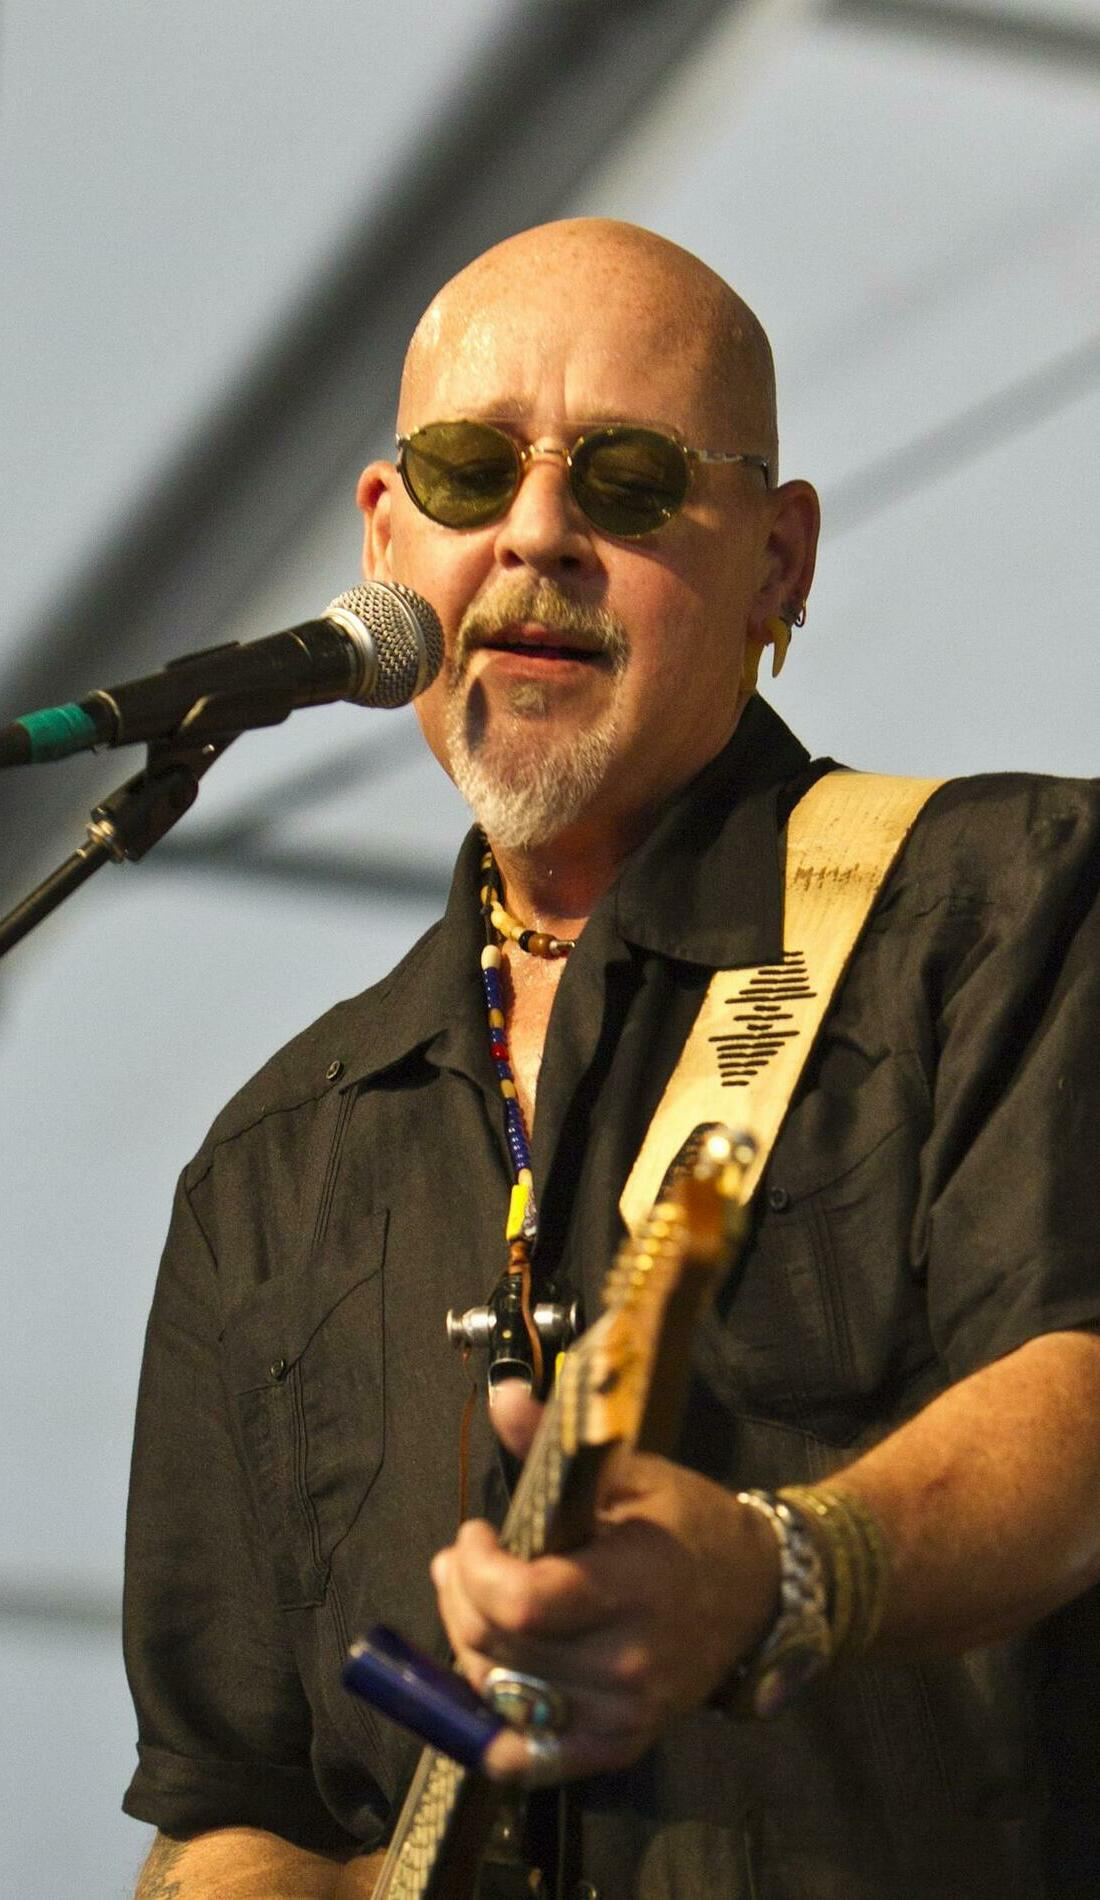 A John Mooney live event